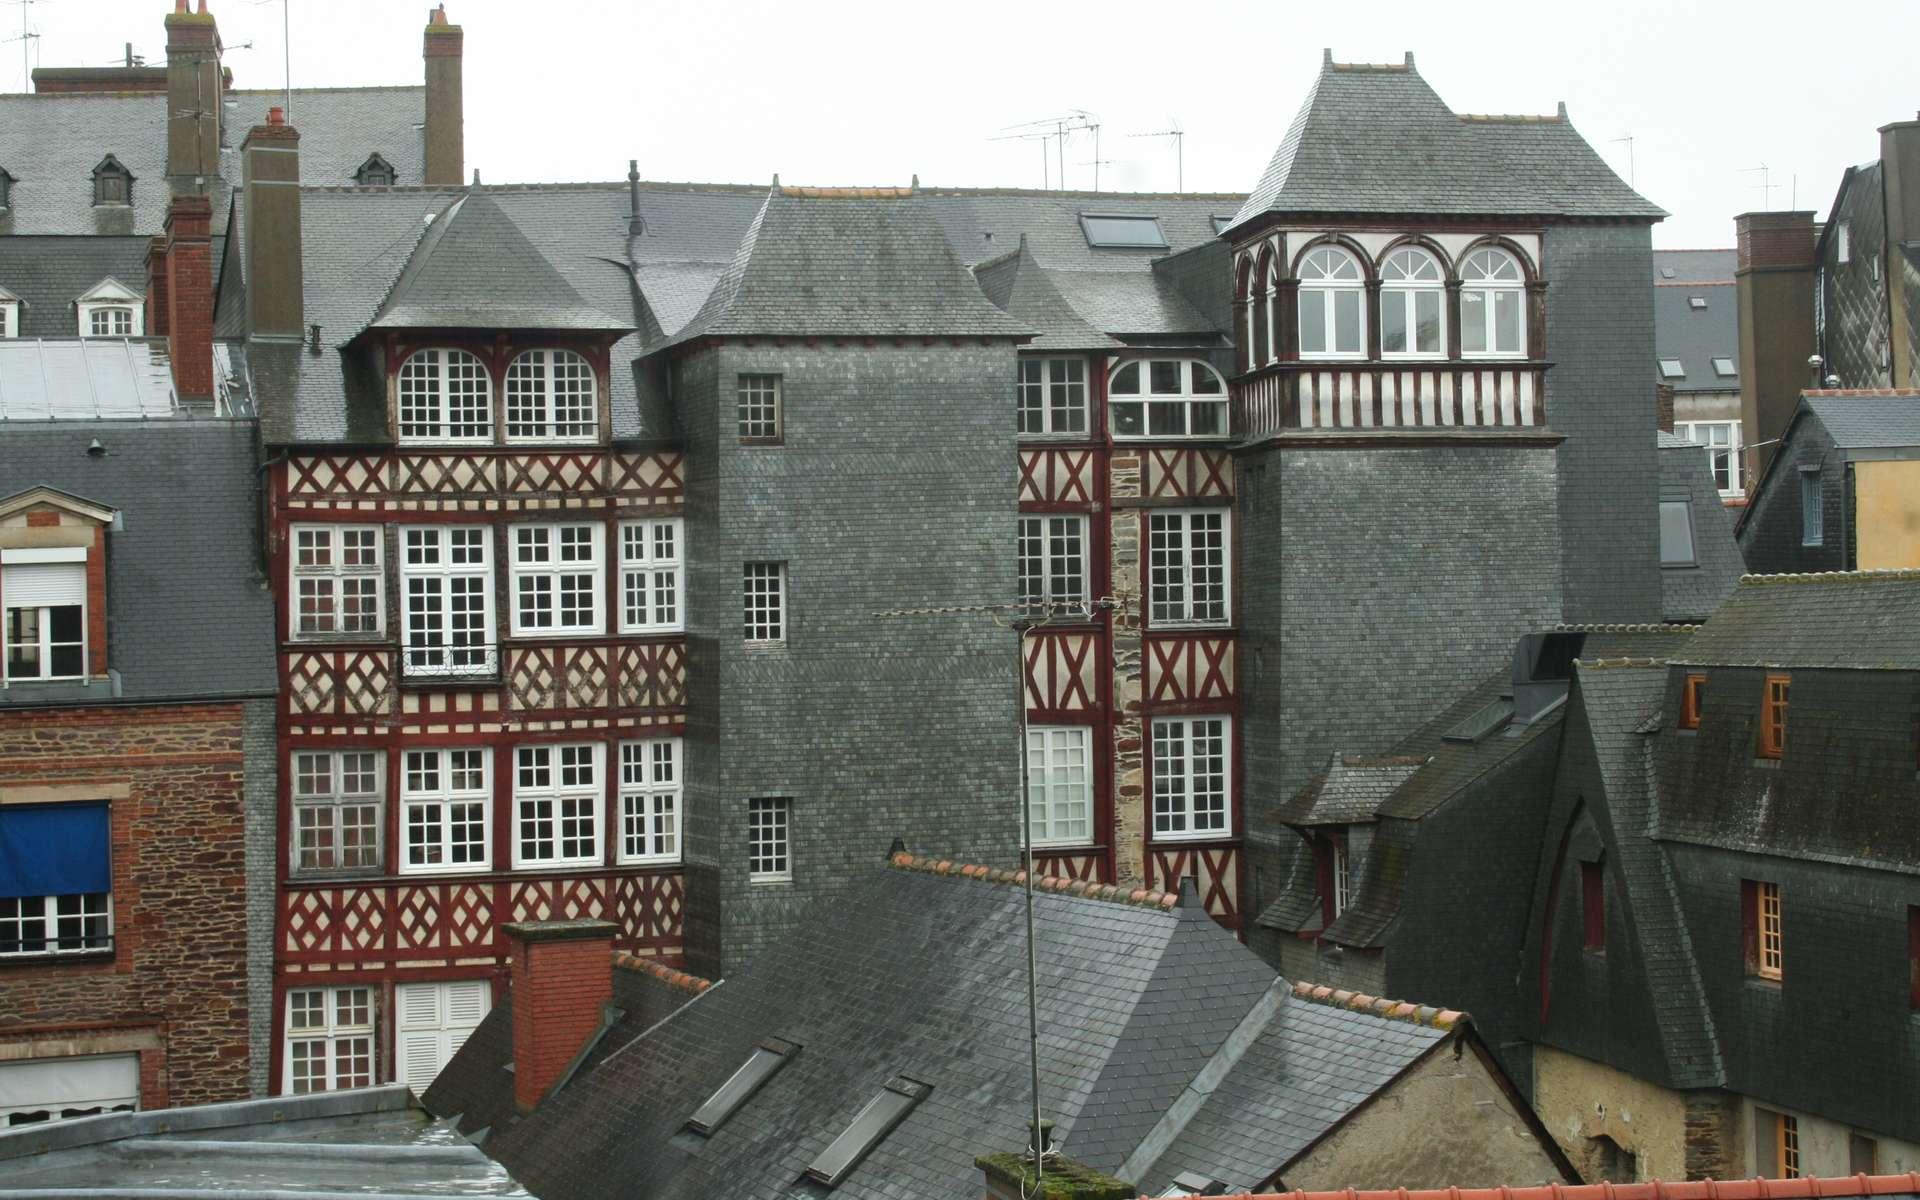 L'ardoise, par sa résistance, est beaucoup utilisée comme matériau de couverture. Ici, on peut voir des bardages et des toits constitués d'ardoise à Rennes. © Coyau, CC BY-SA 3.0, Wikimedia Commons